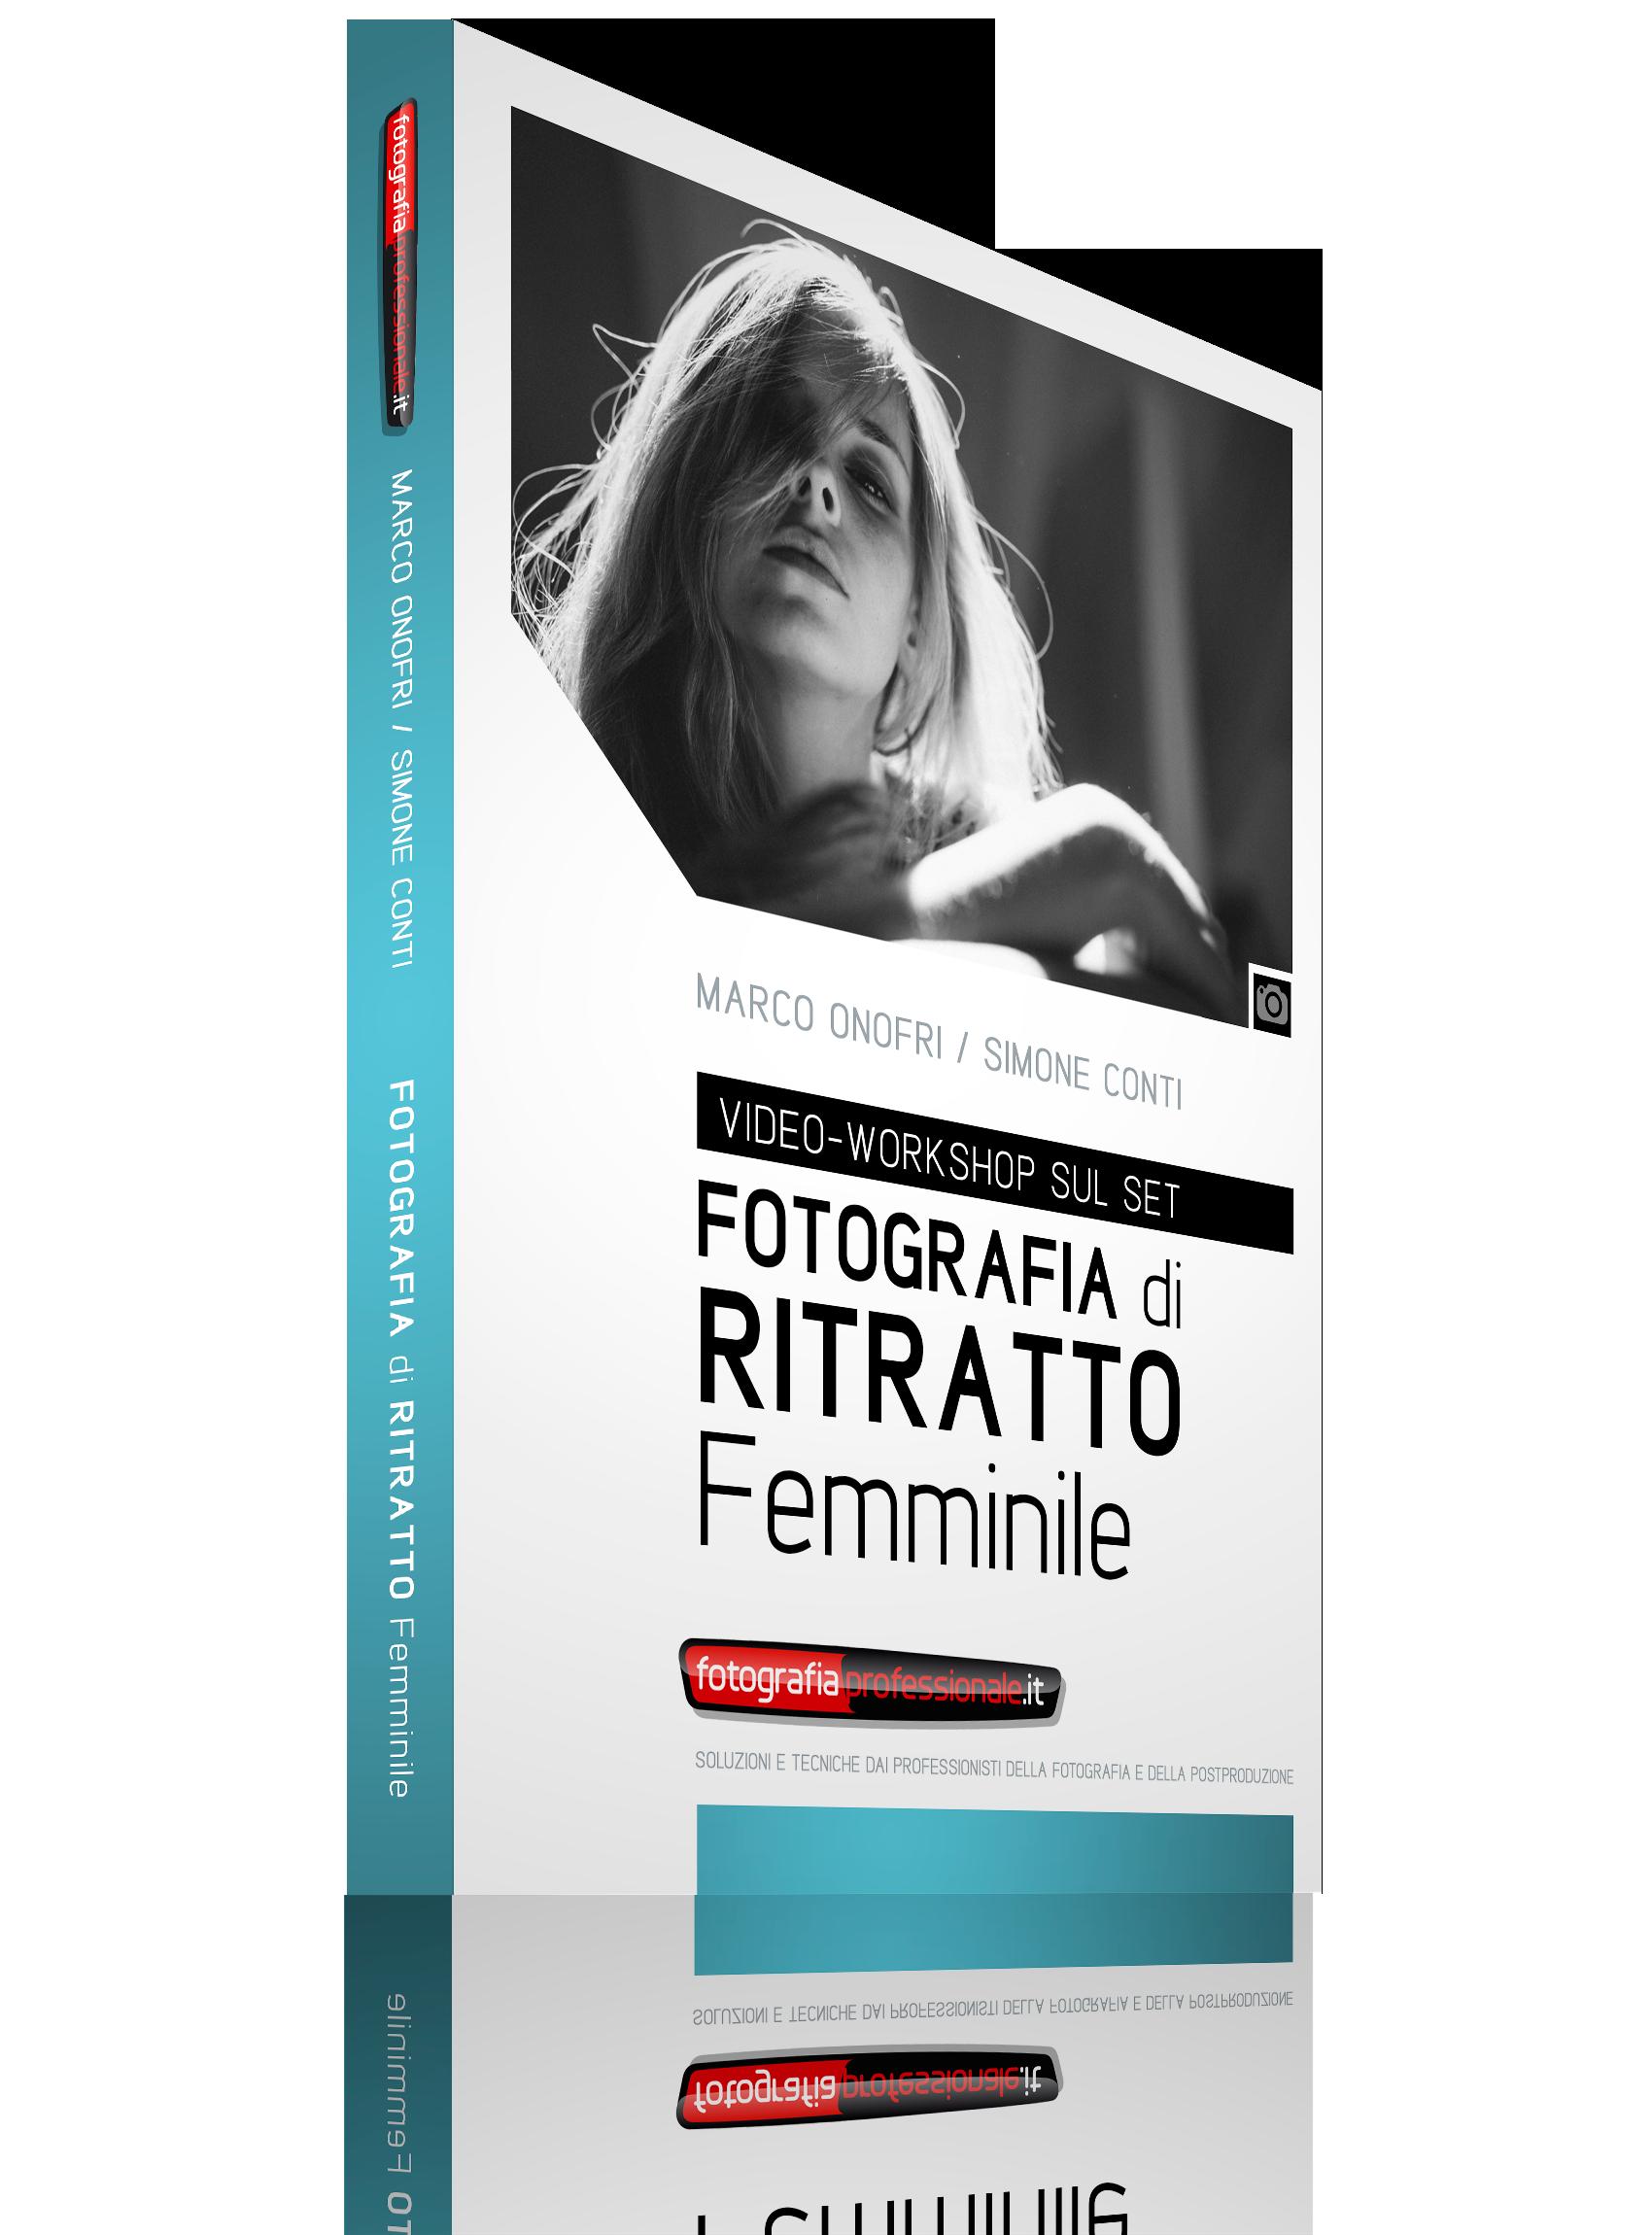 Fotografia di Ritratto Femminile